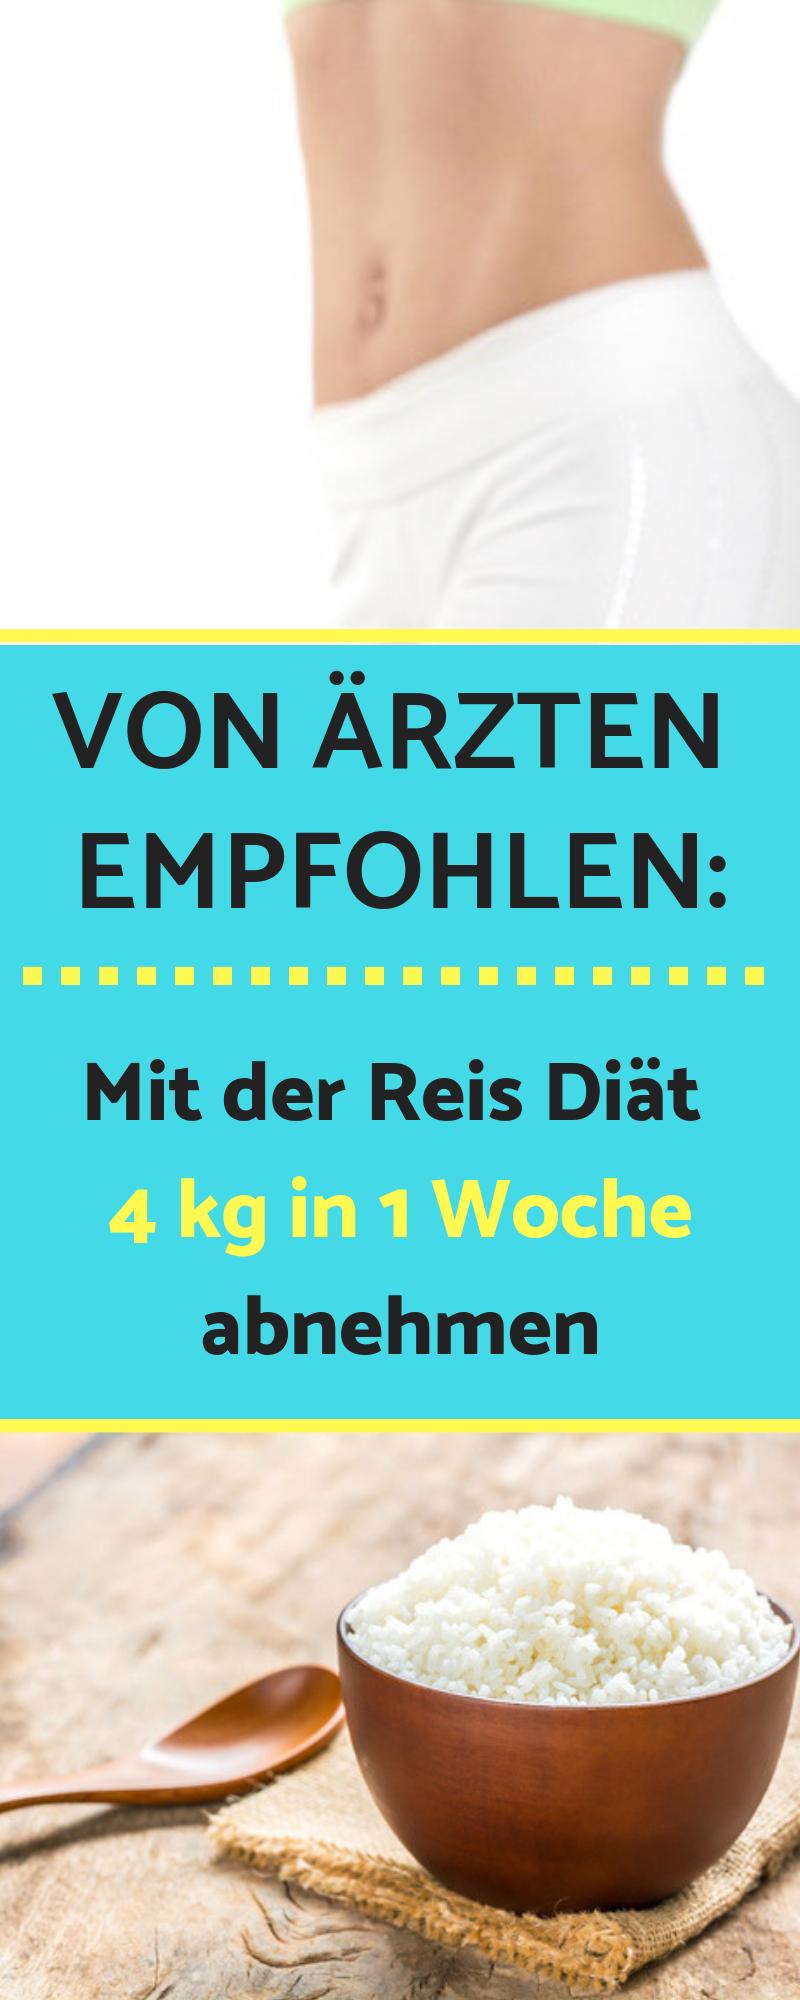 Videos, wie man in 2 Tagen ohne Gewicht verliert